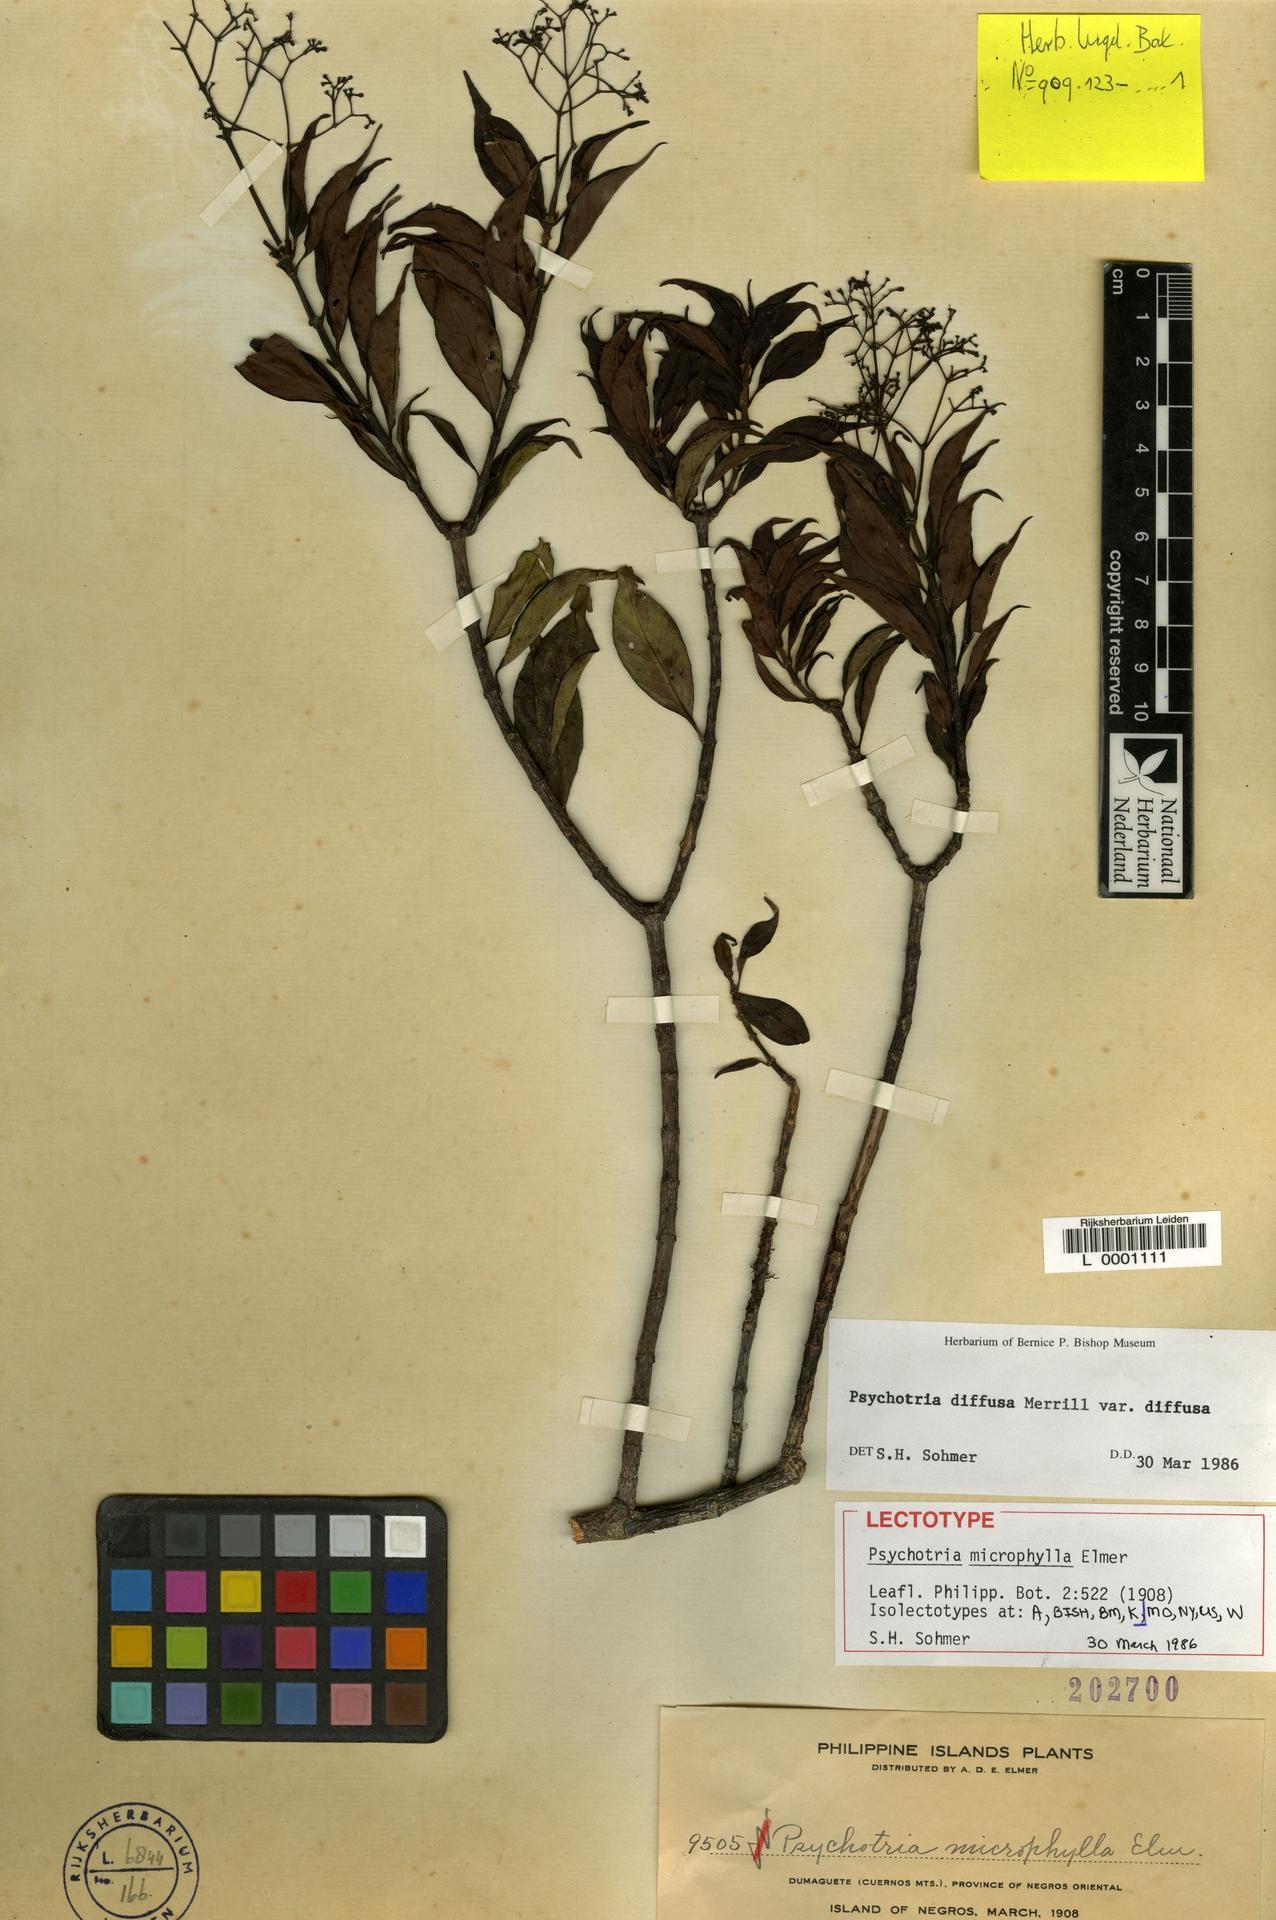 L  0001111 | Psychotria diffusa var. diffusa